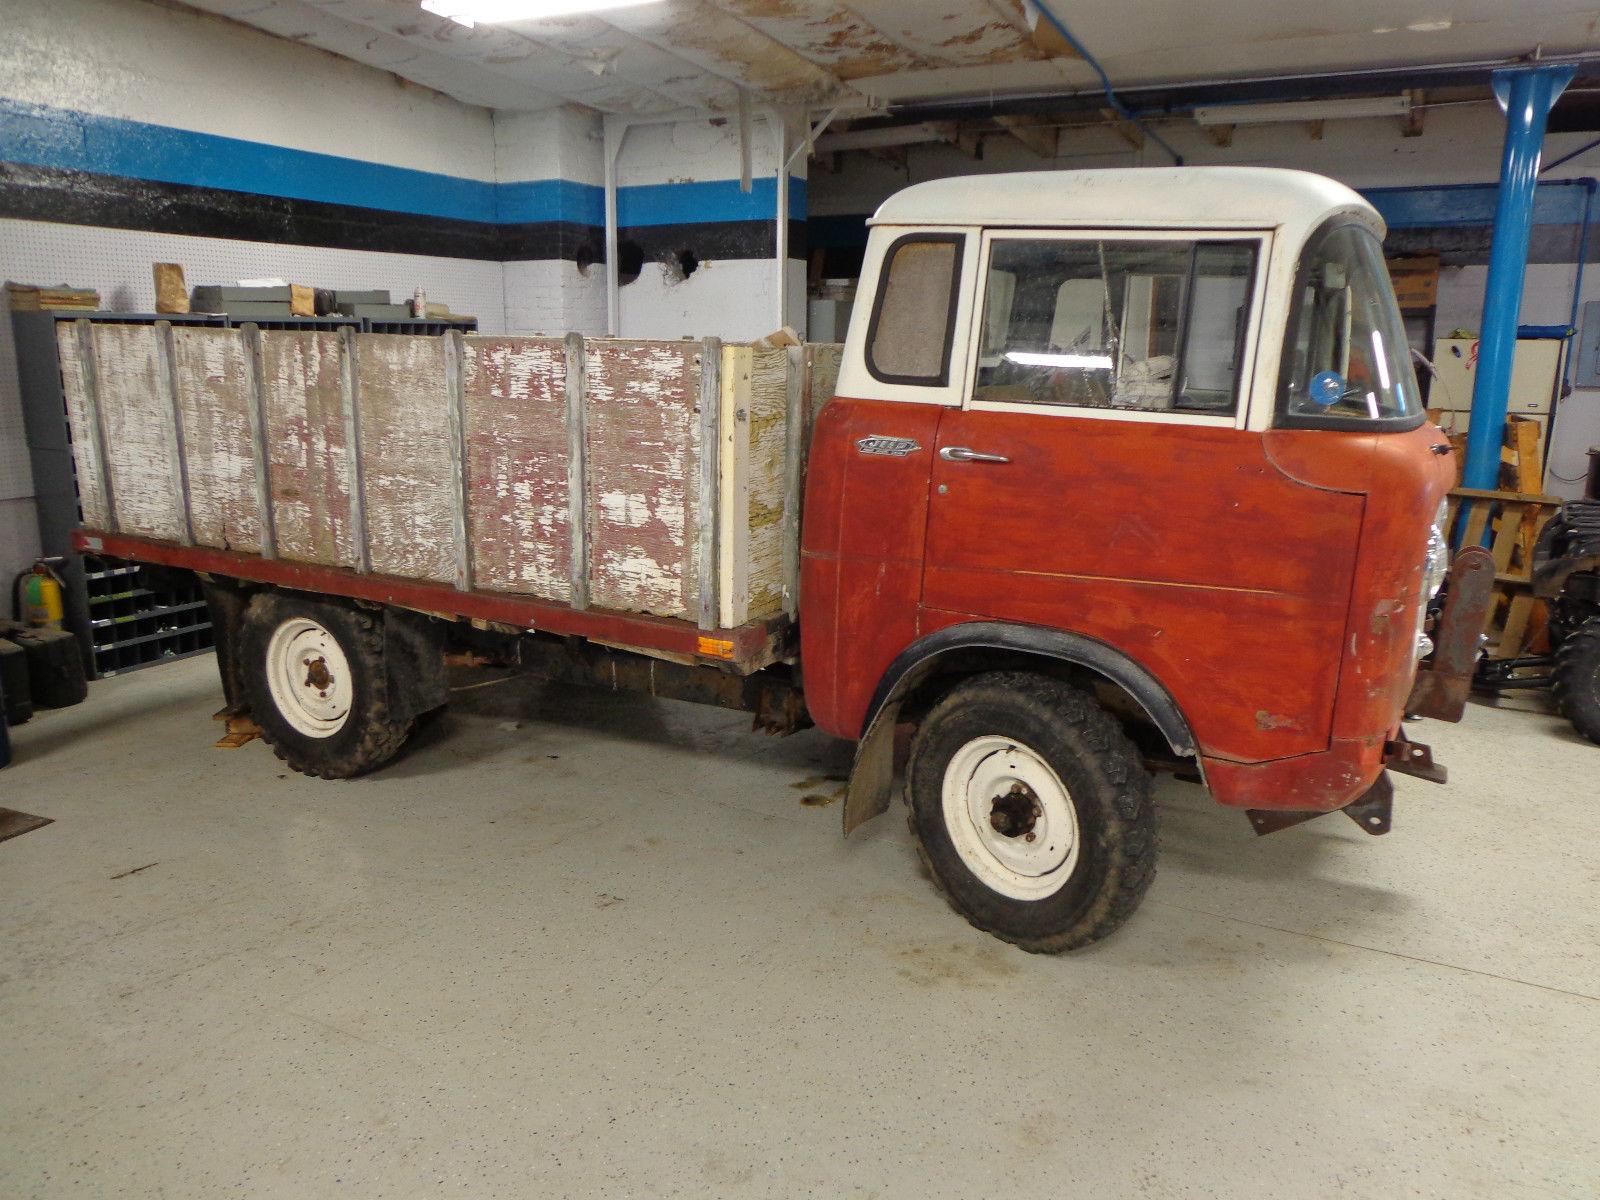 1964 Jeep Forward Control 170 4x4 Flatbed 3spd Hurricane 6cyl cab